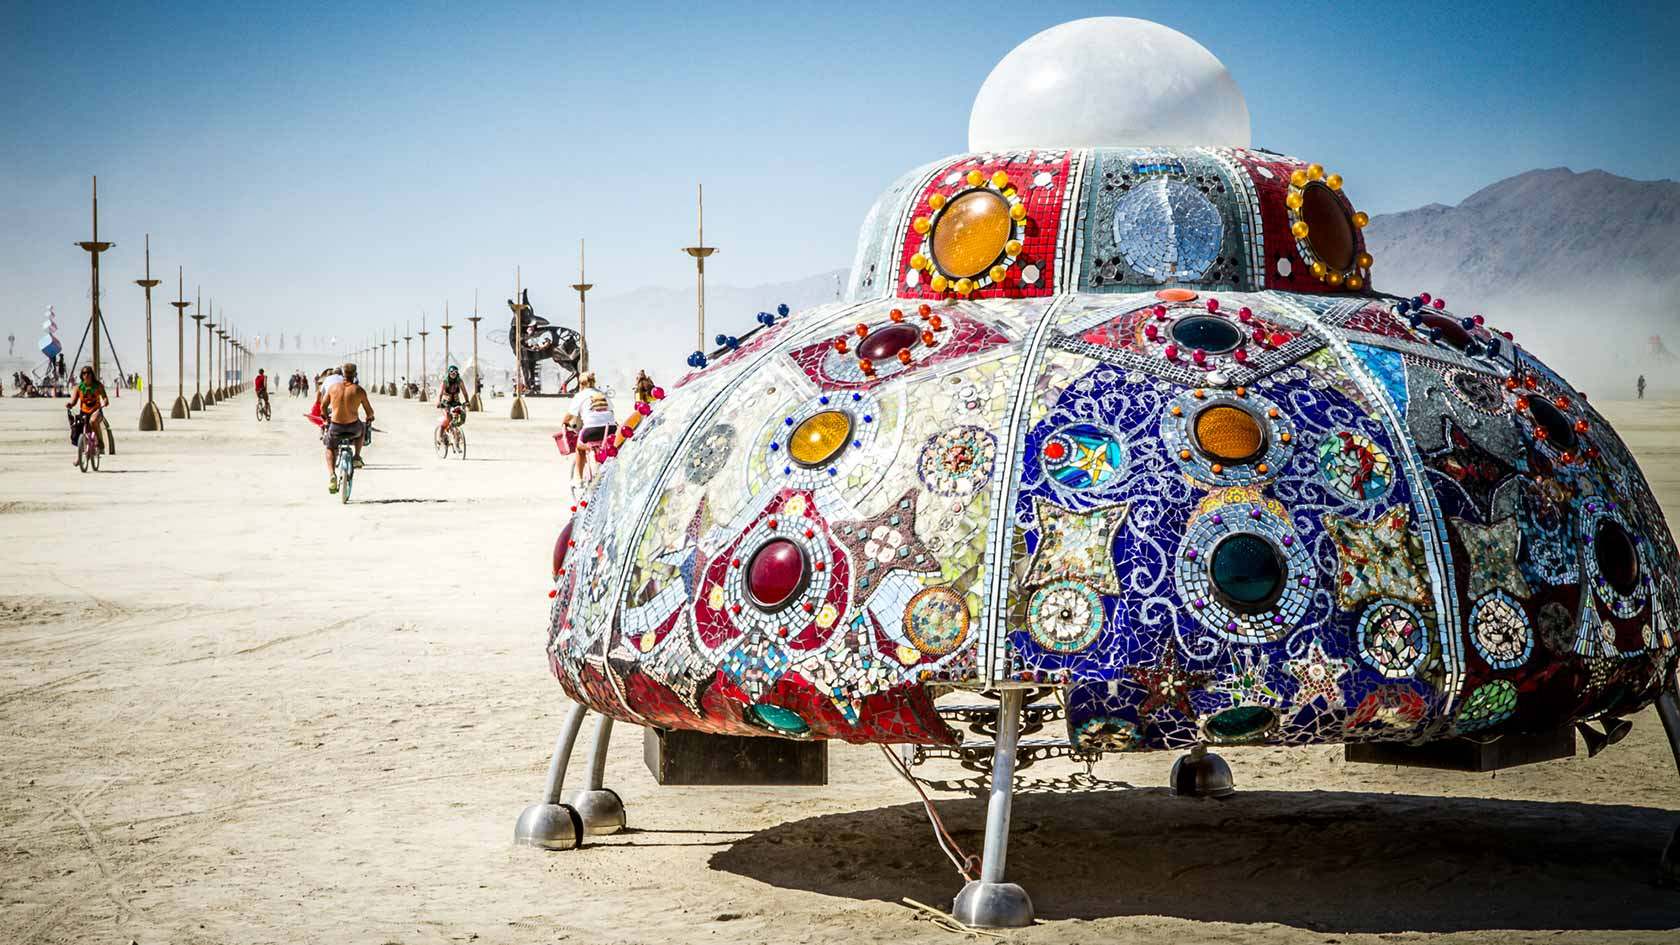 Viaggio al centro del Burning Man – La photogallery